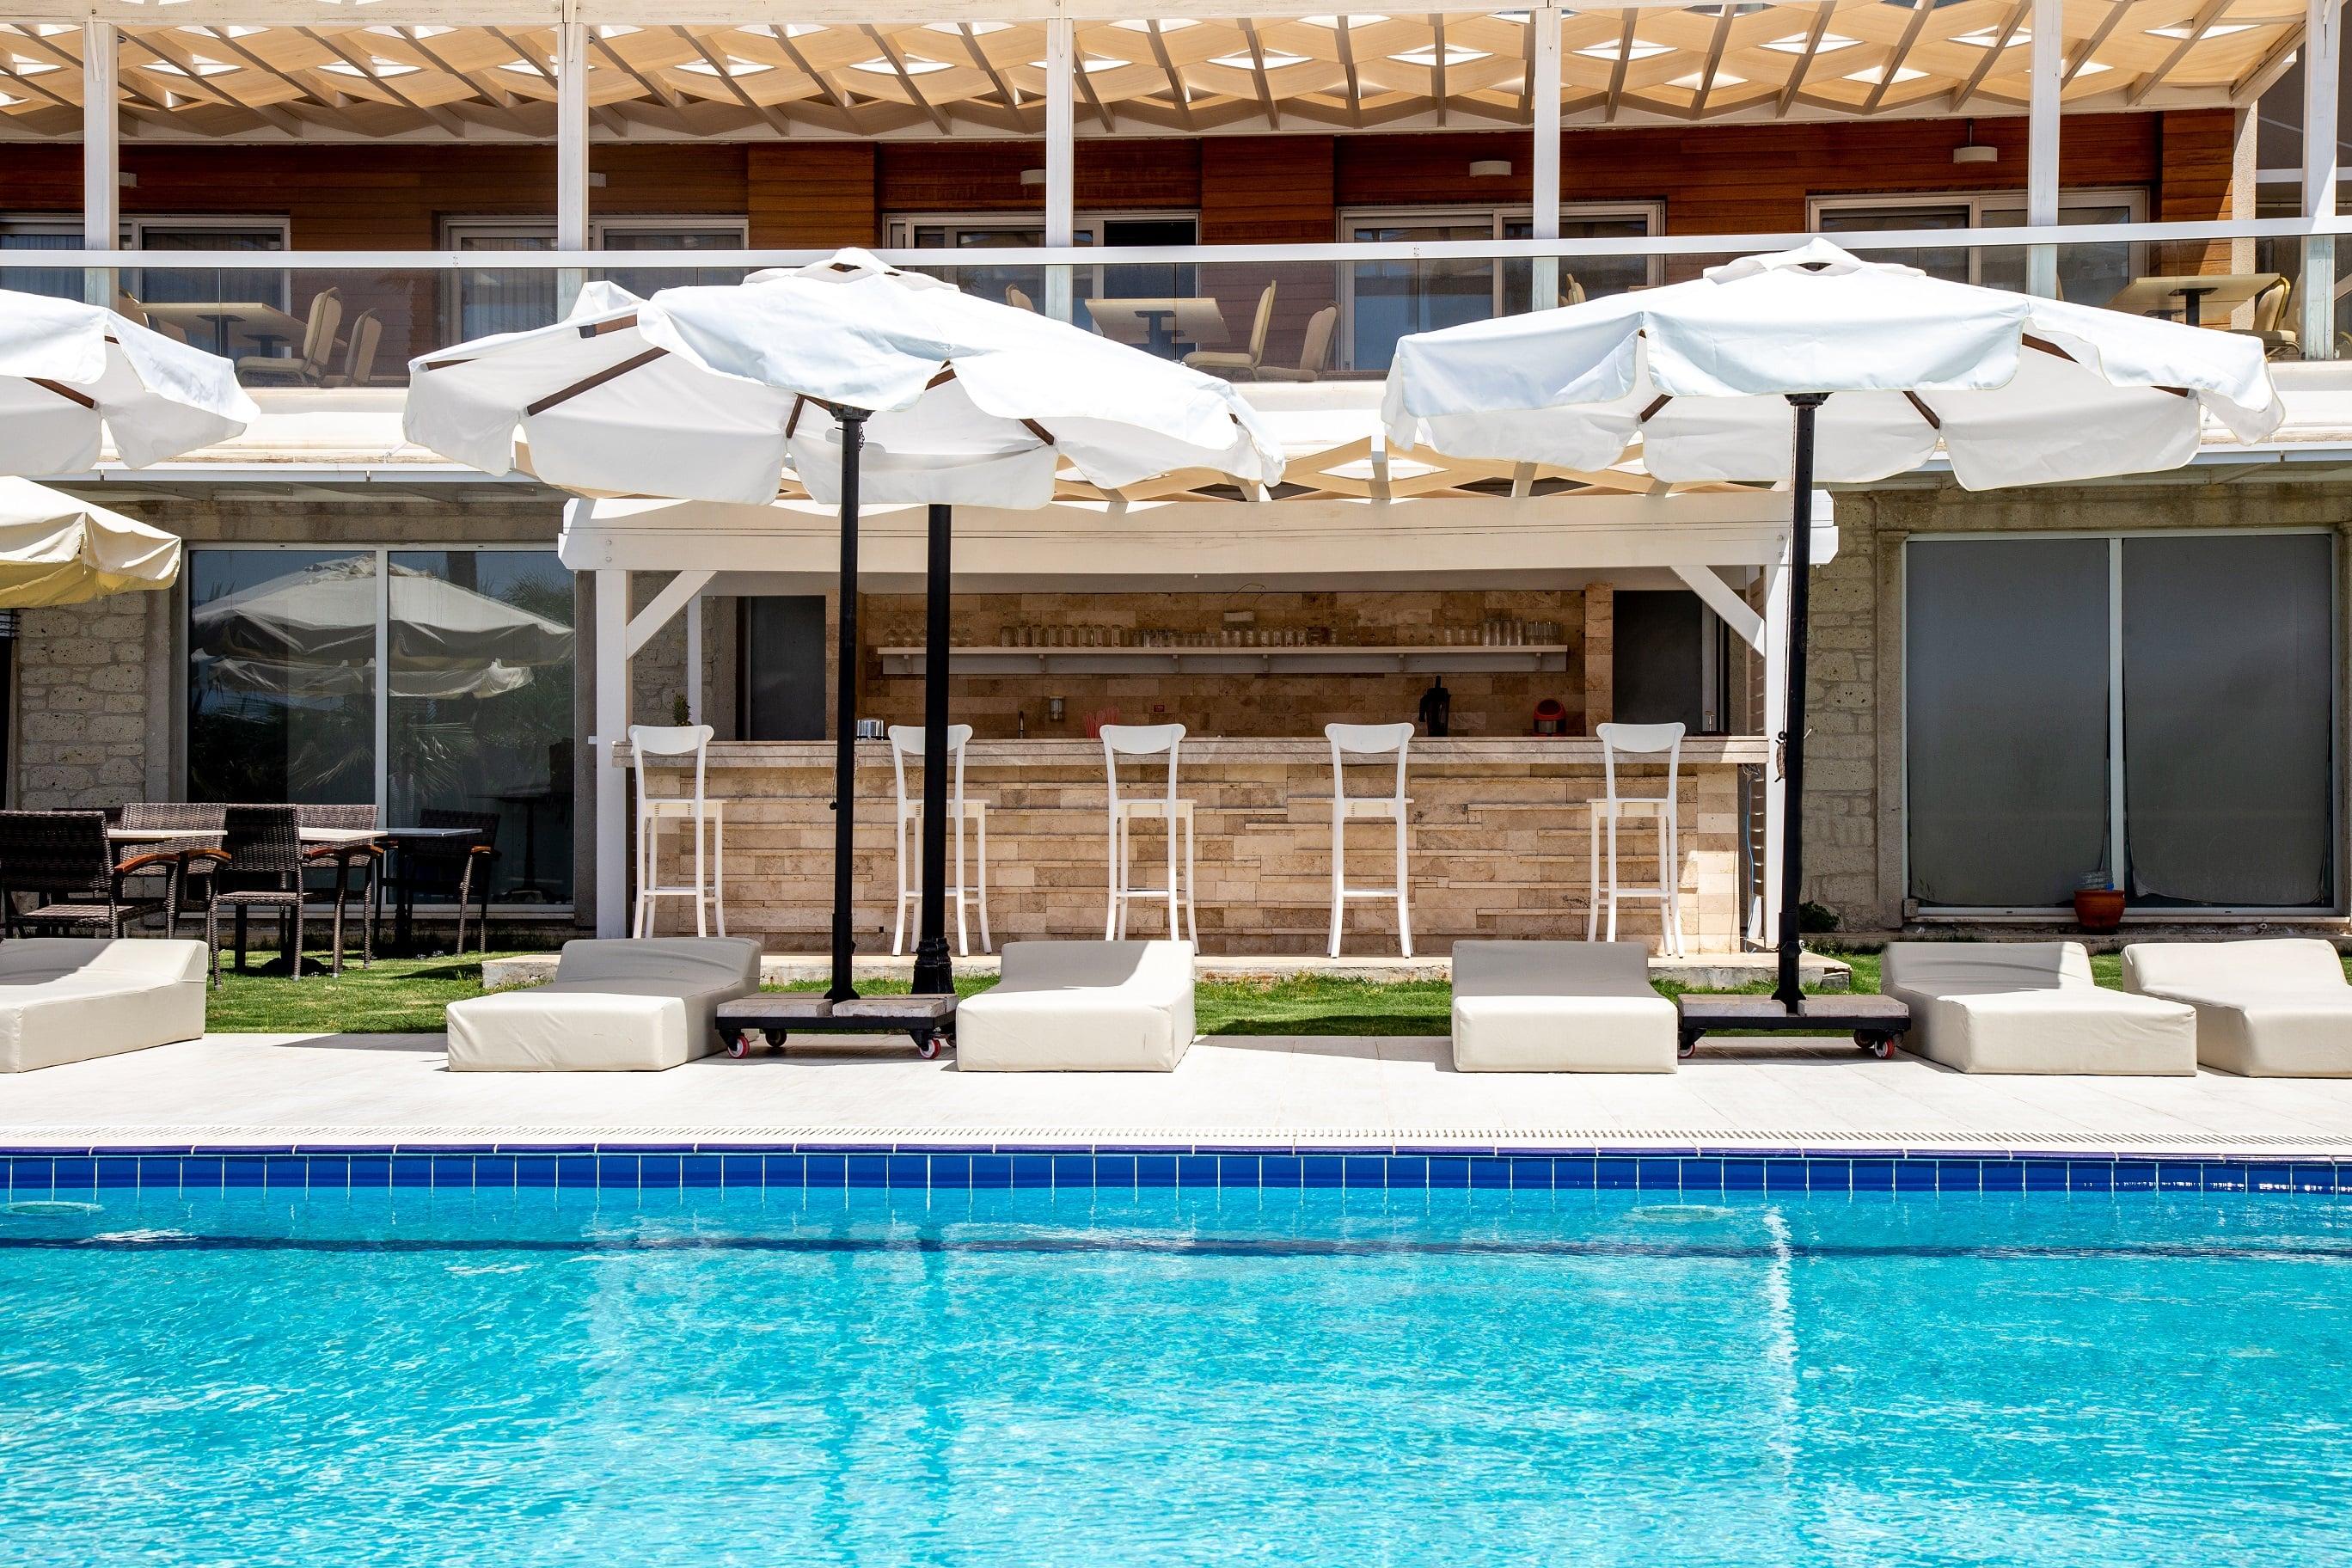 casa-de-playa-hotel-pool-bar